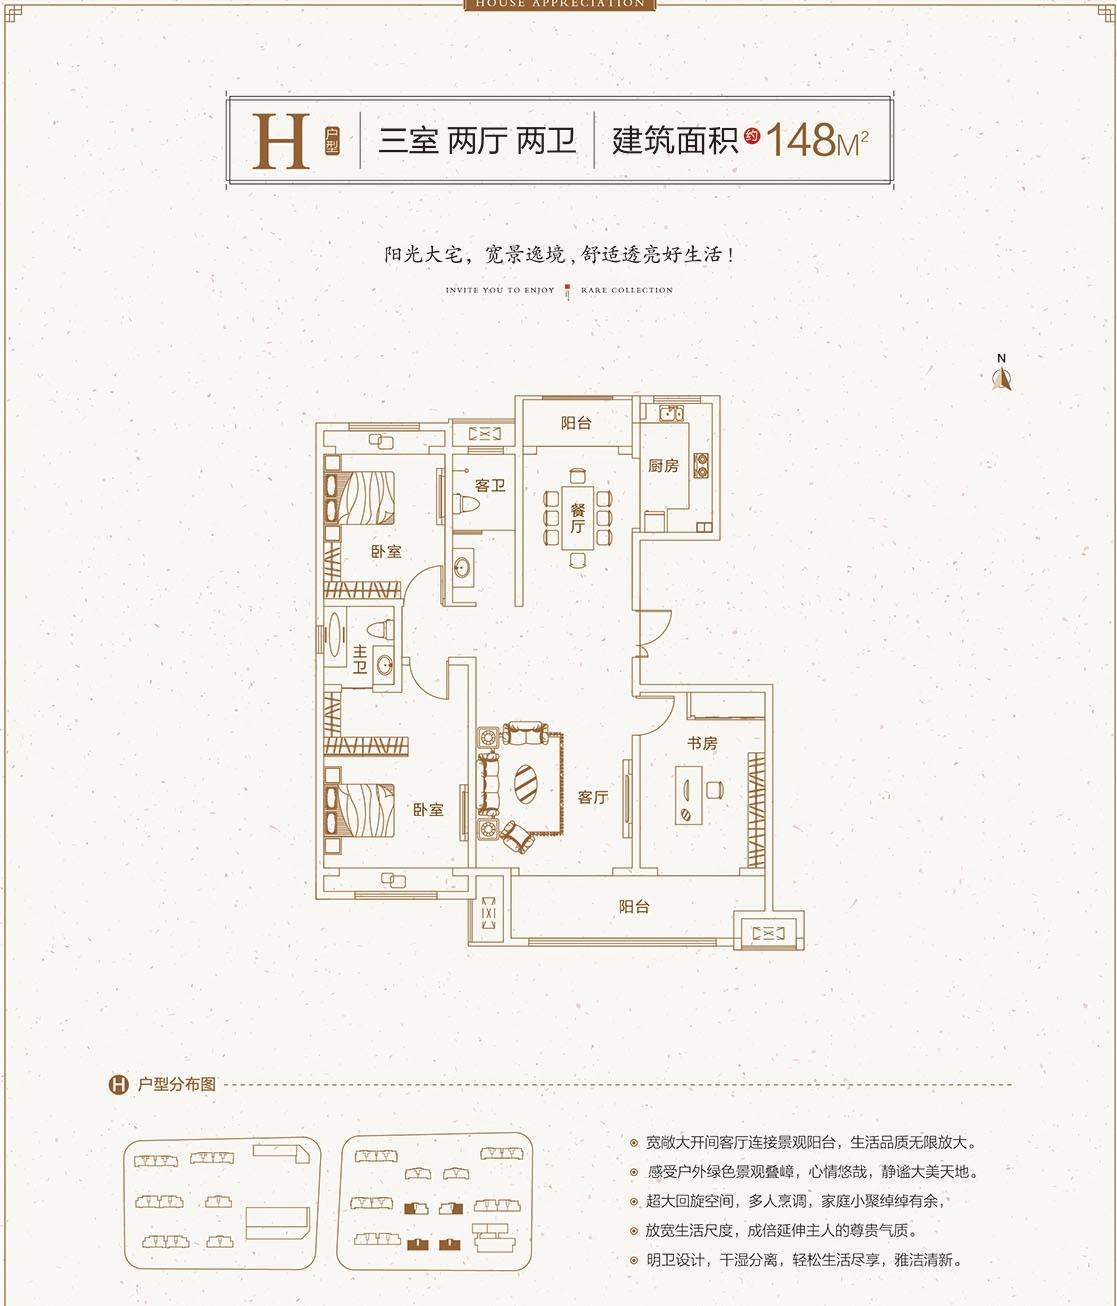 新盛上和园H 户型148㎡三室两厅两卫